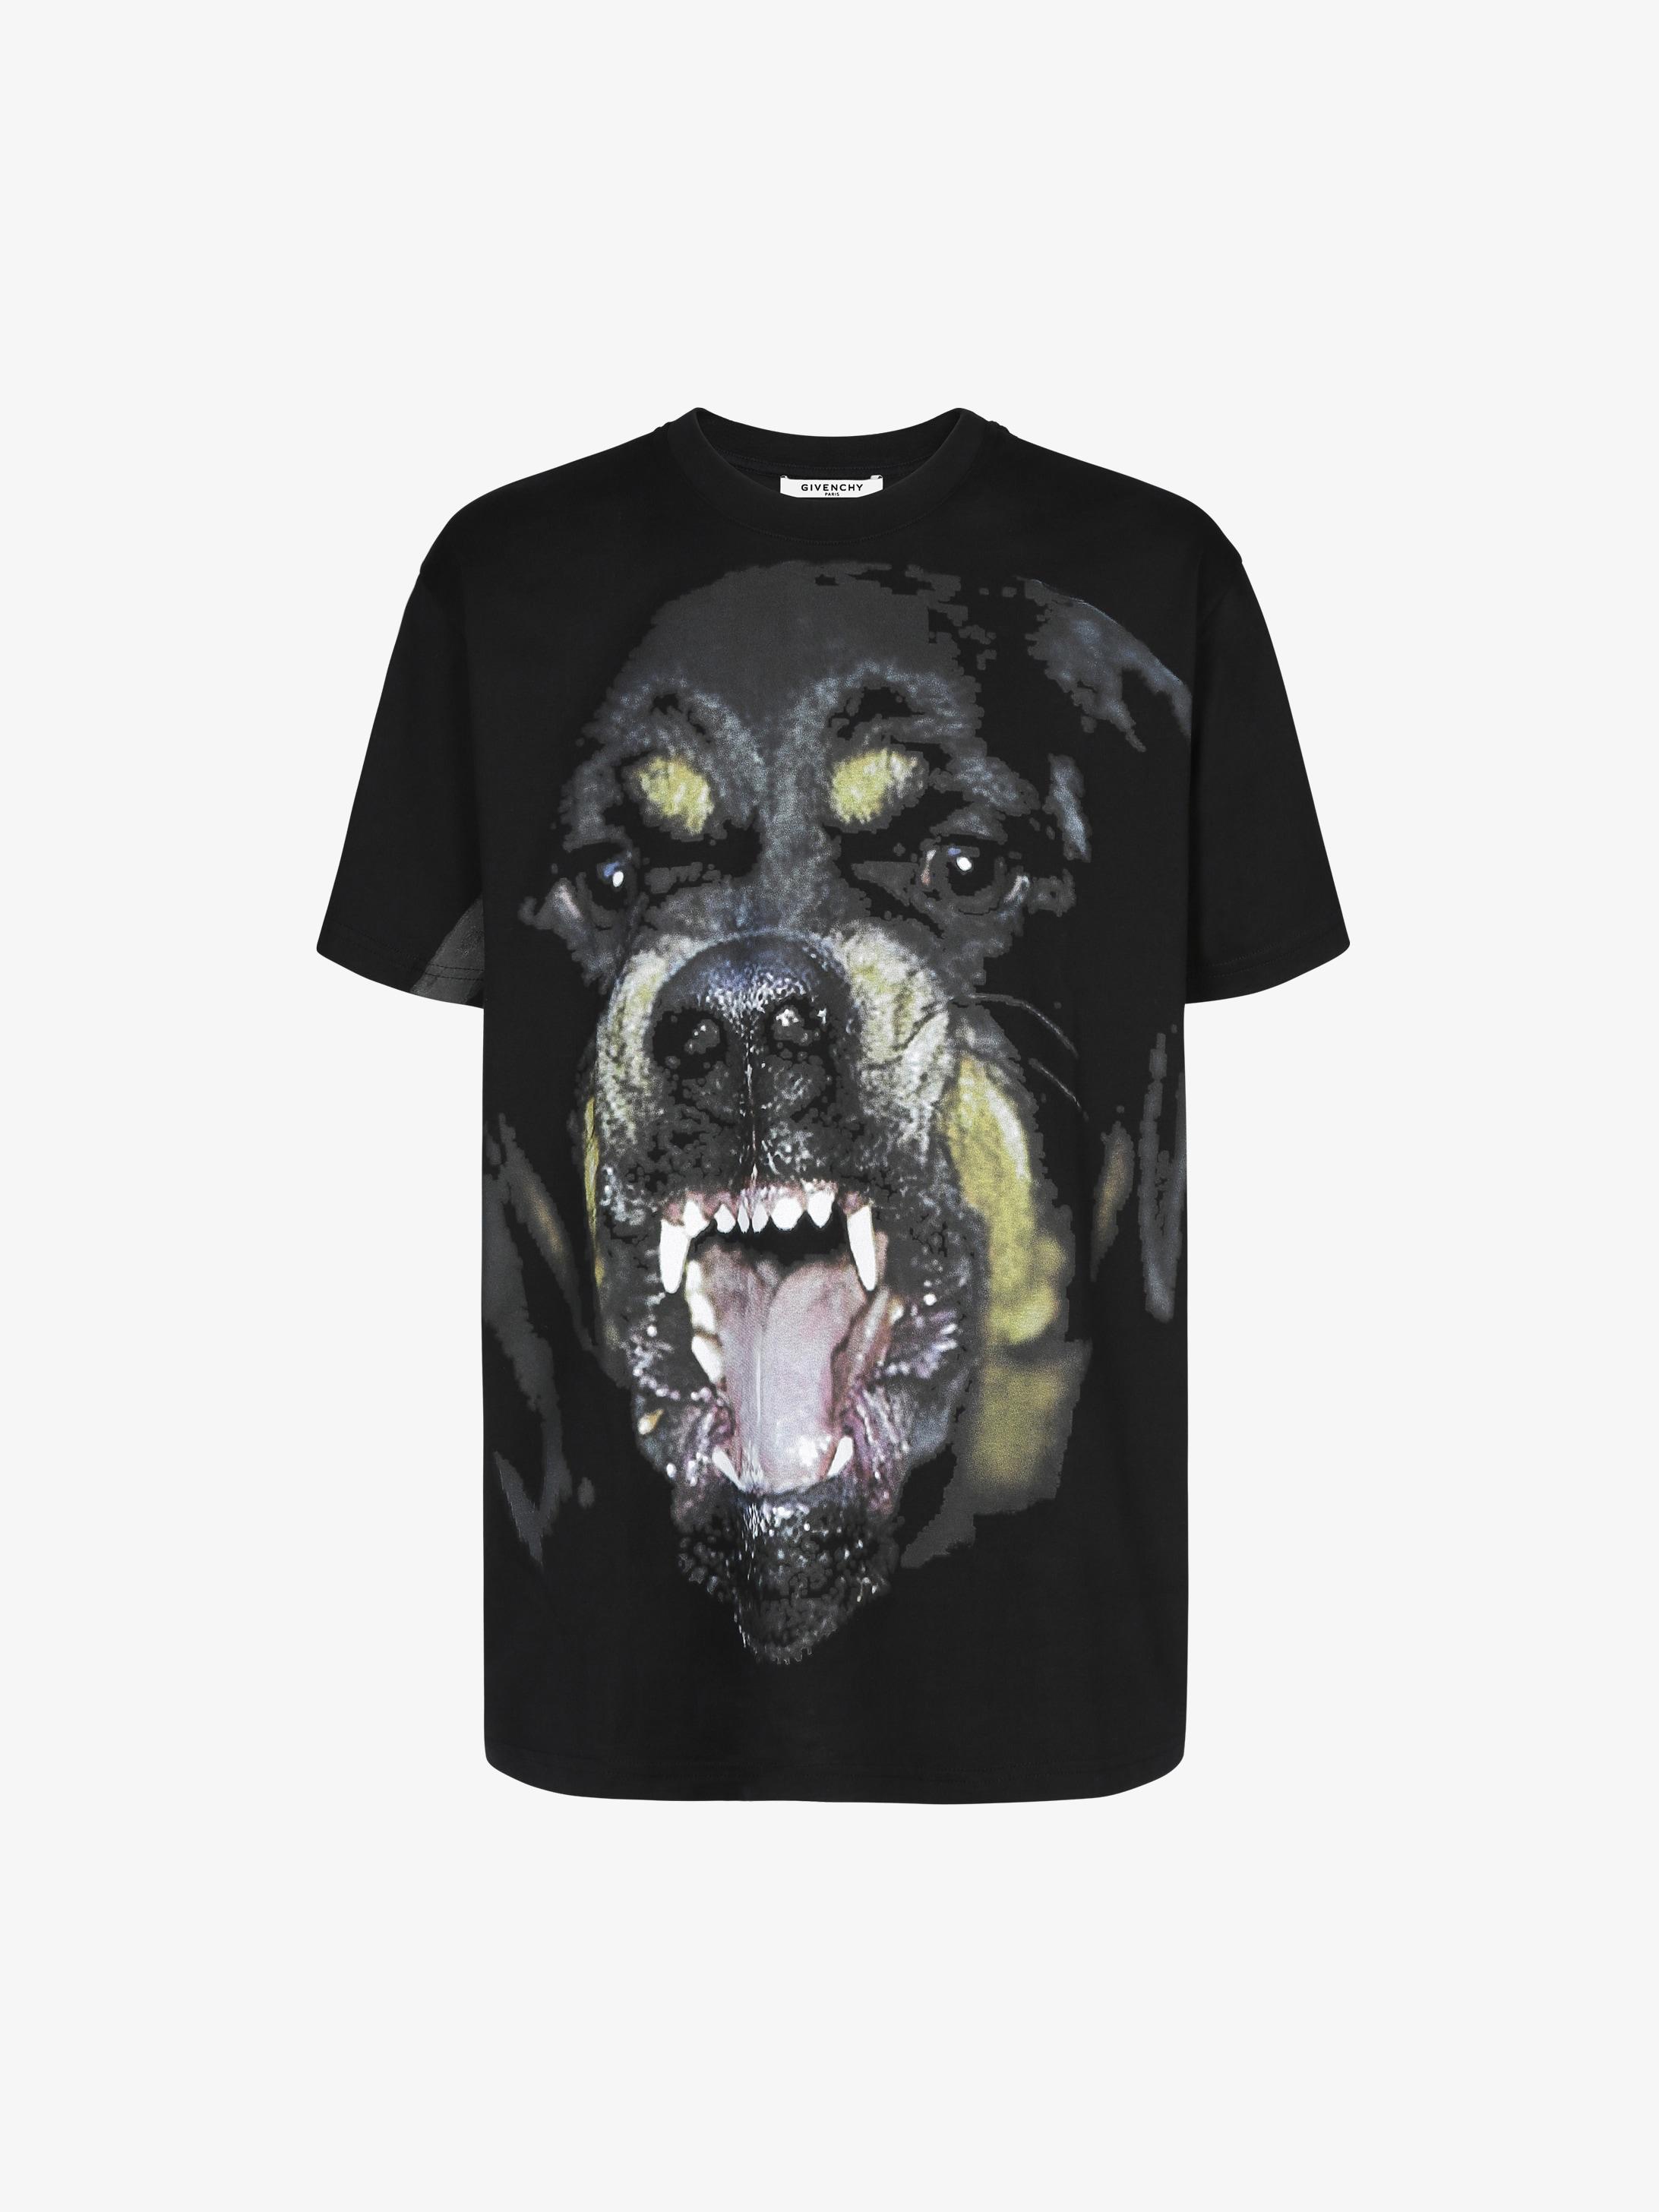 Rottweiler printed t-shirt